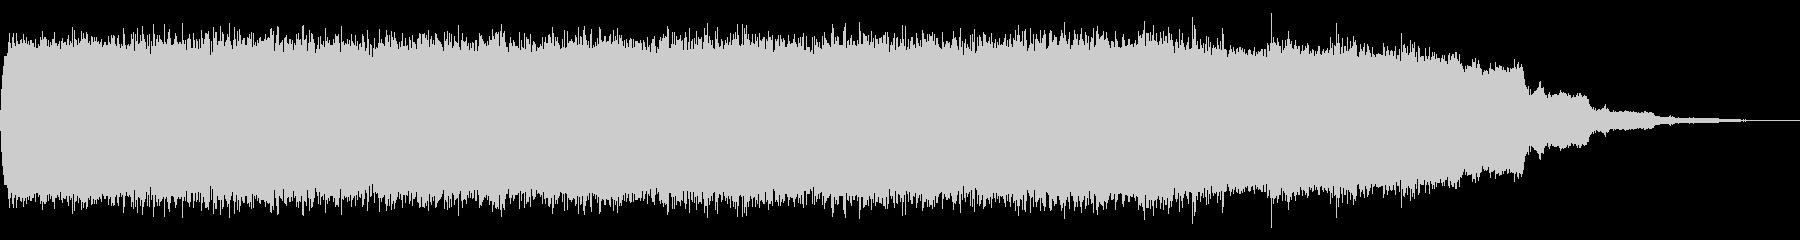 ホラードローンフィードバックグラインドの未再生の波形